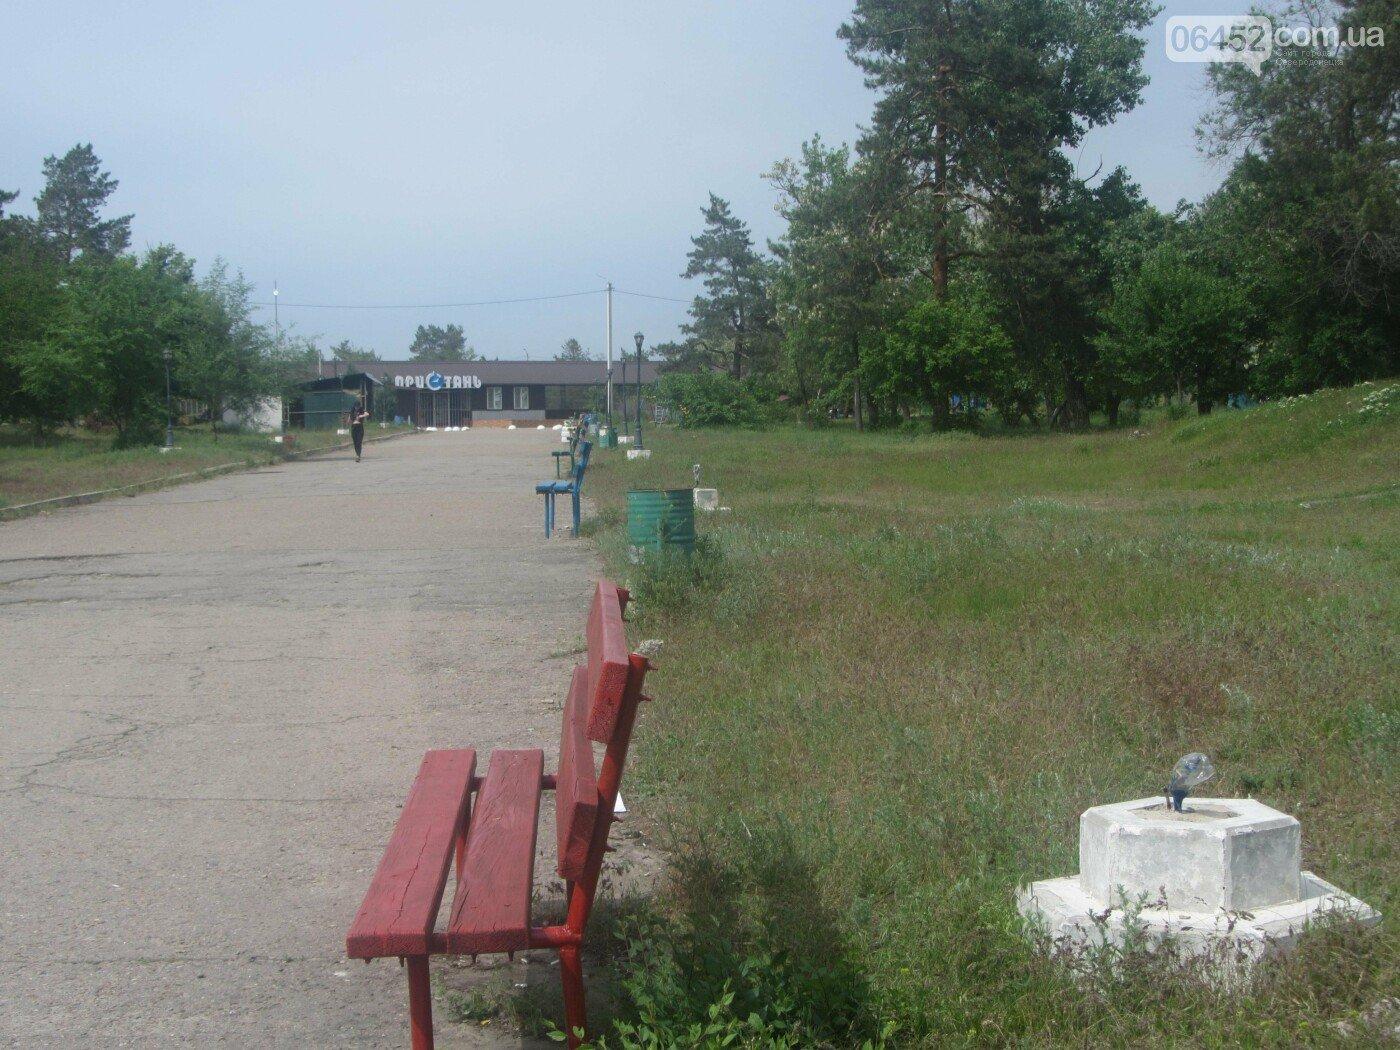 Глава Северодонецка рассказал о планах по развитию города , фото-3